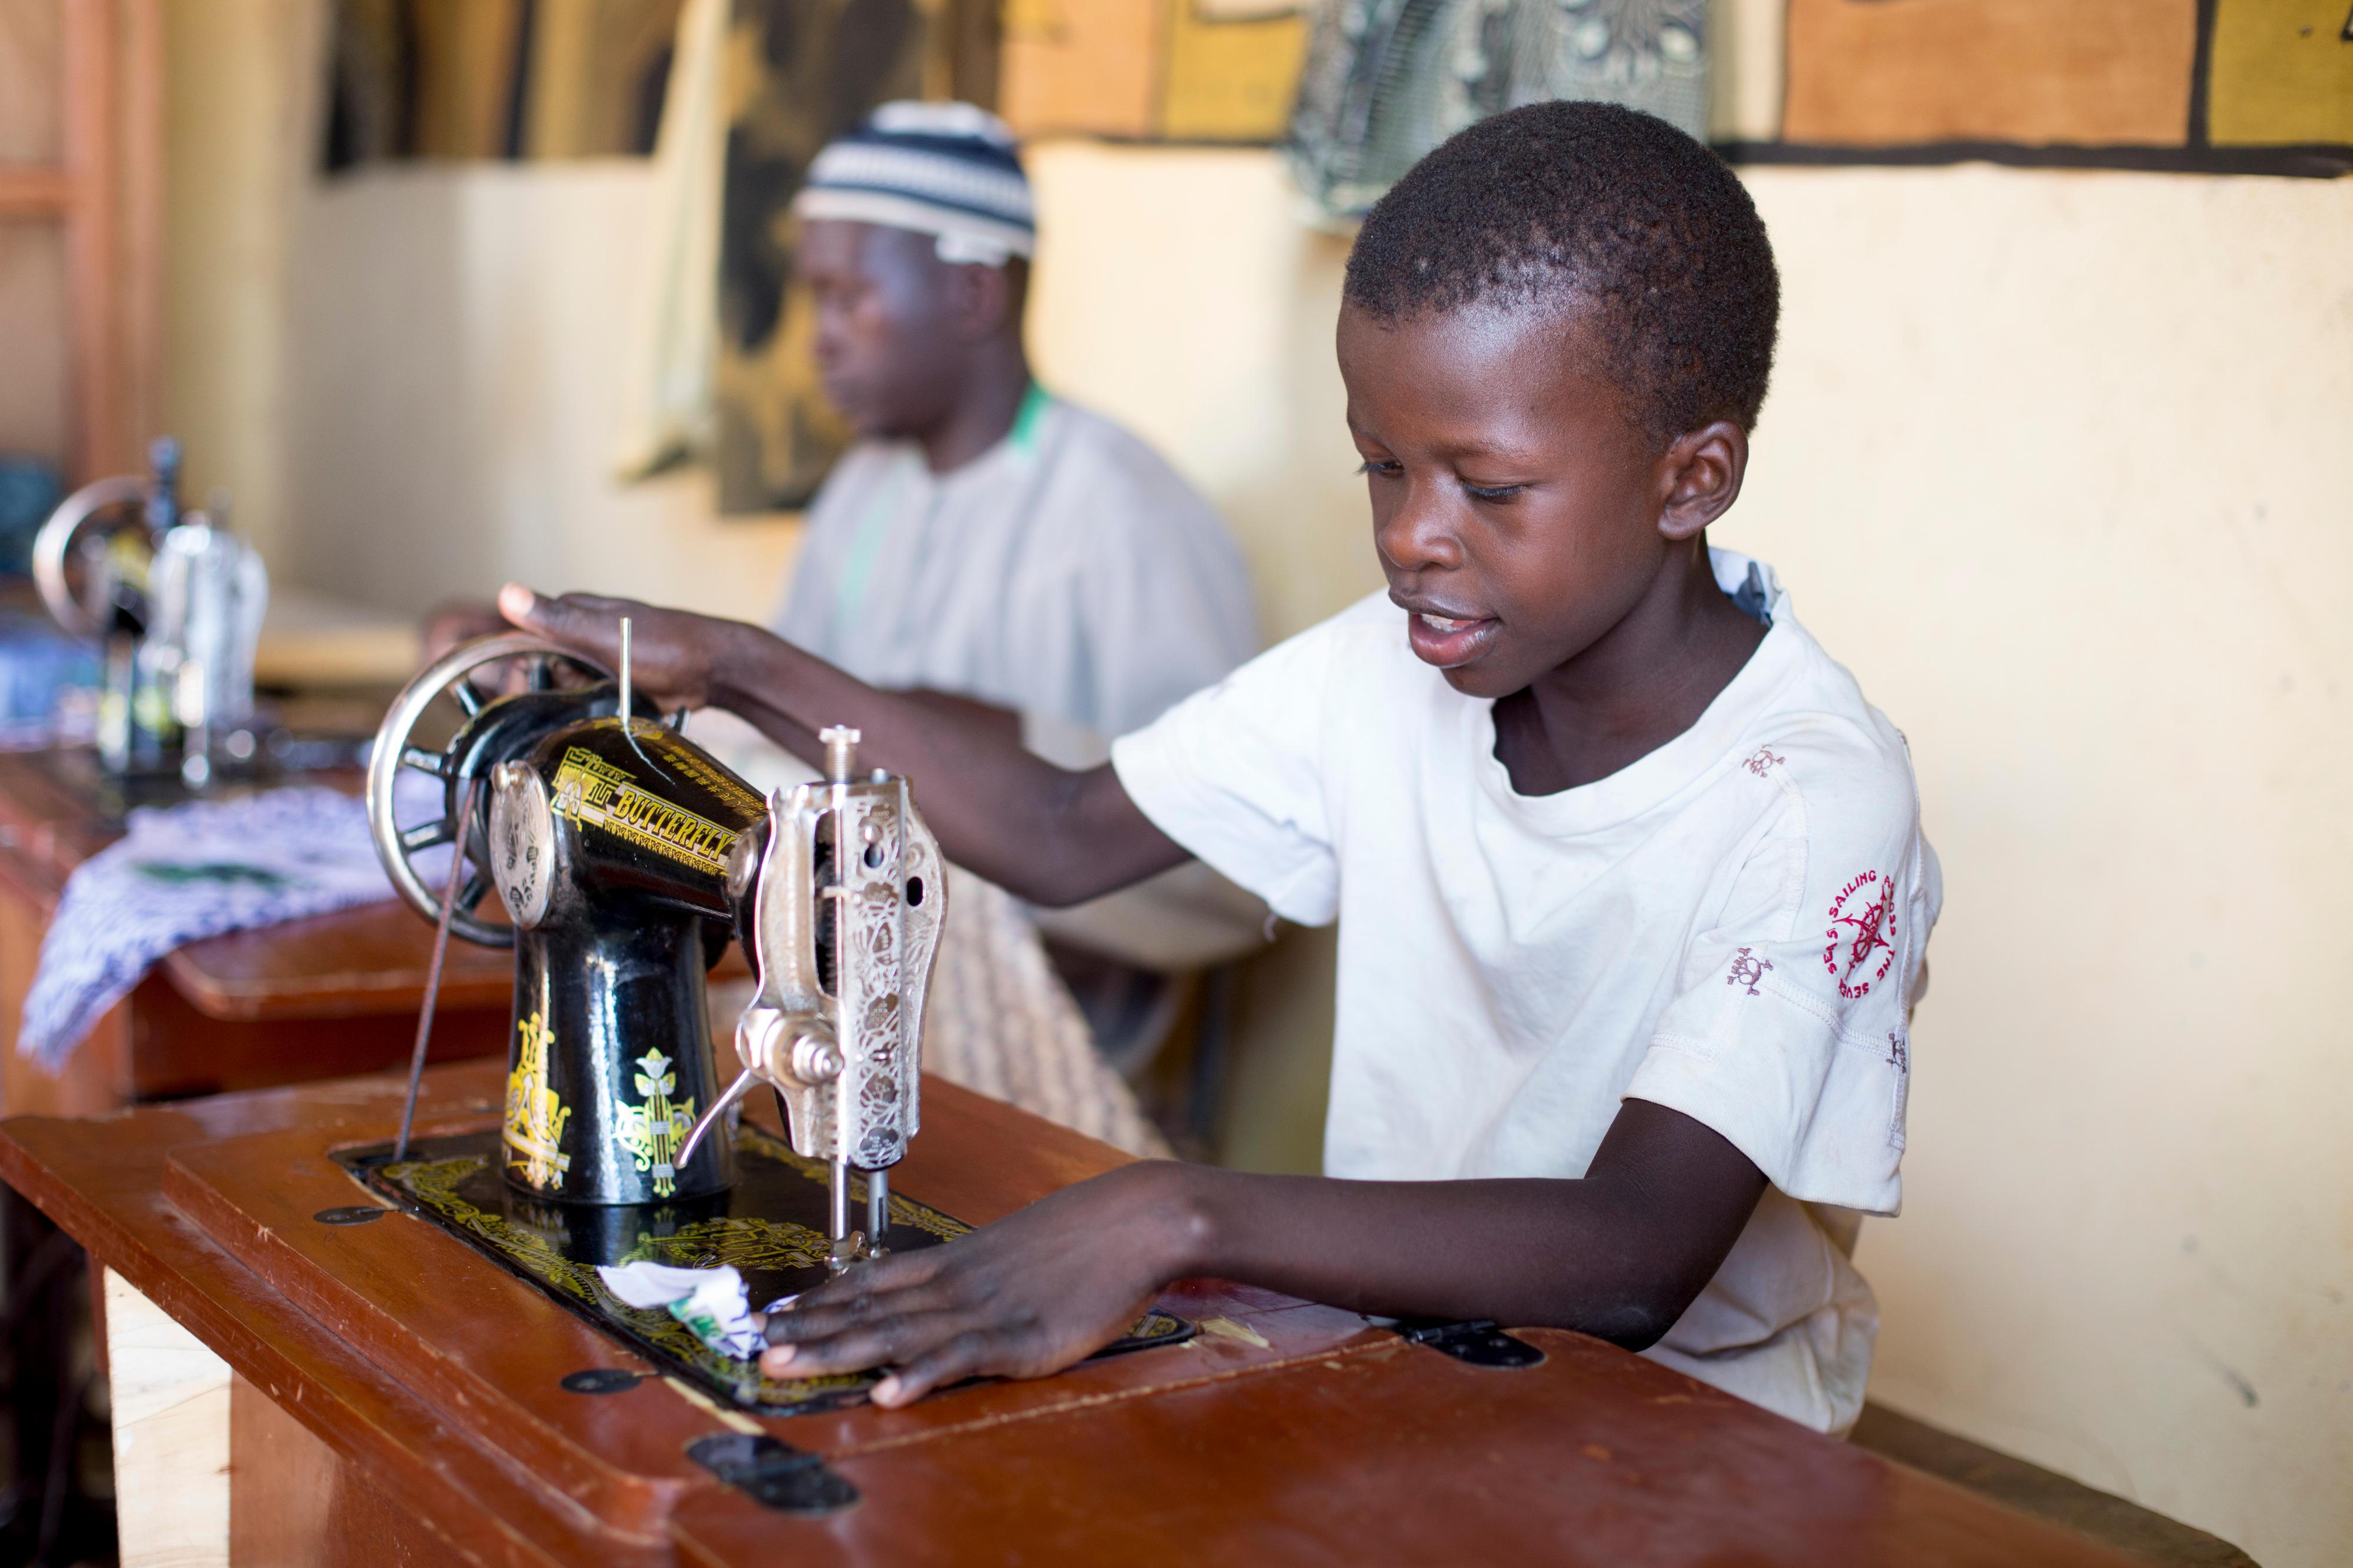 Ein Junge in Mali arbeitet an einer Nähmaschine.